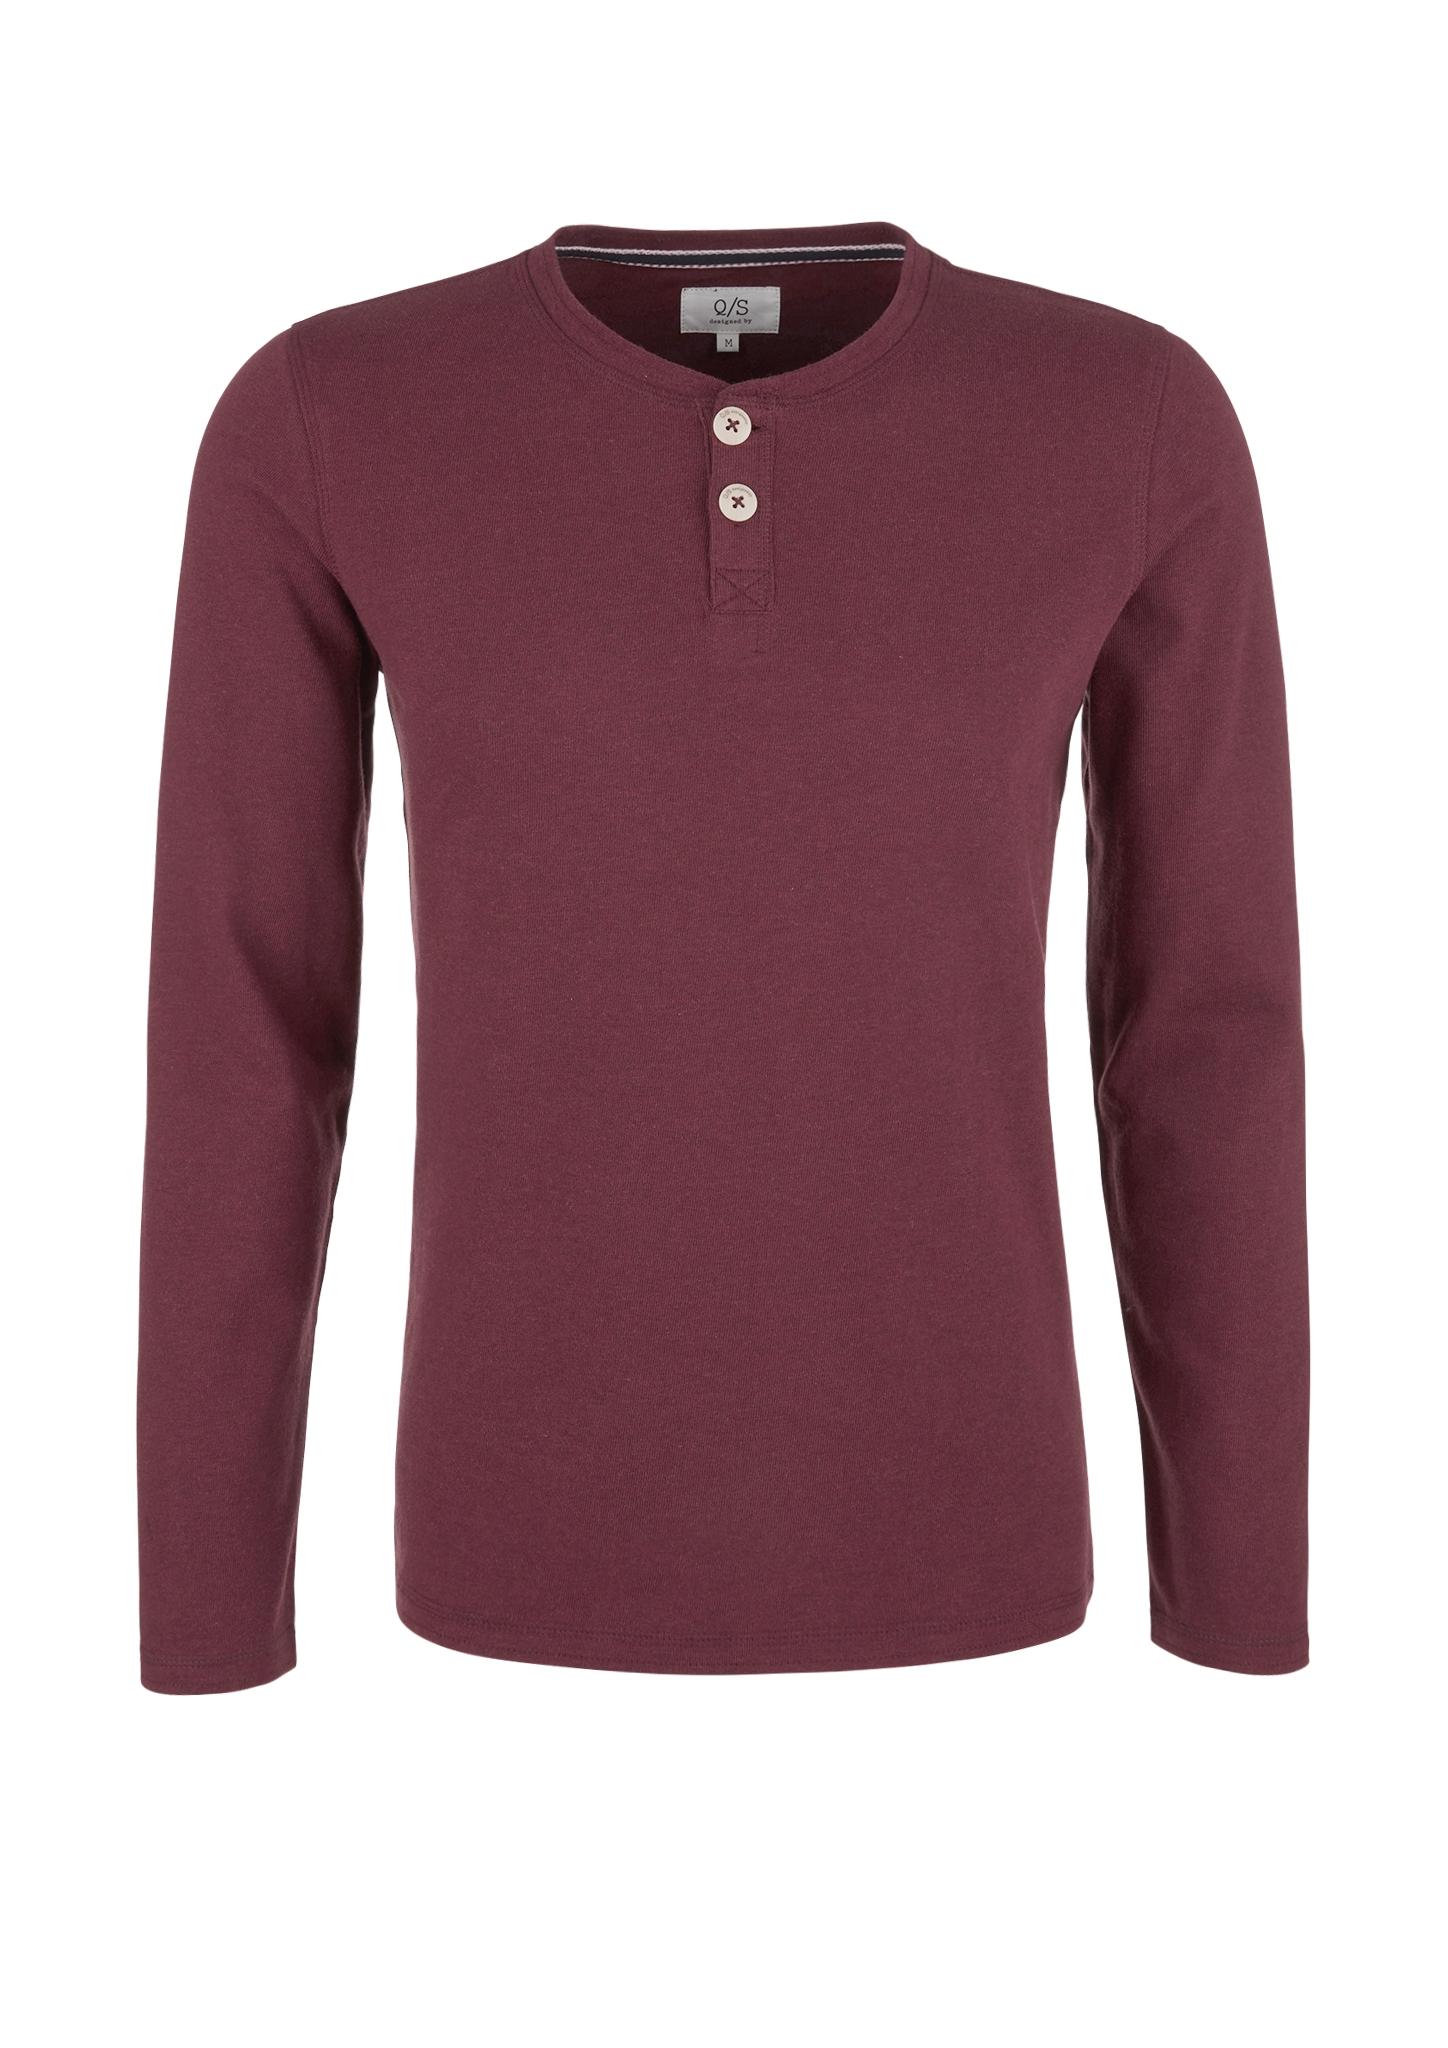 1237d9a11082b8 rot-80-baumwolle Sonstige Shirts für Herren online kaufen ...